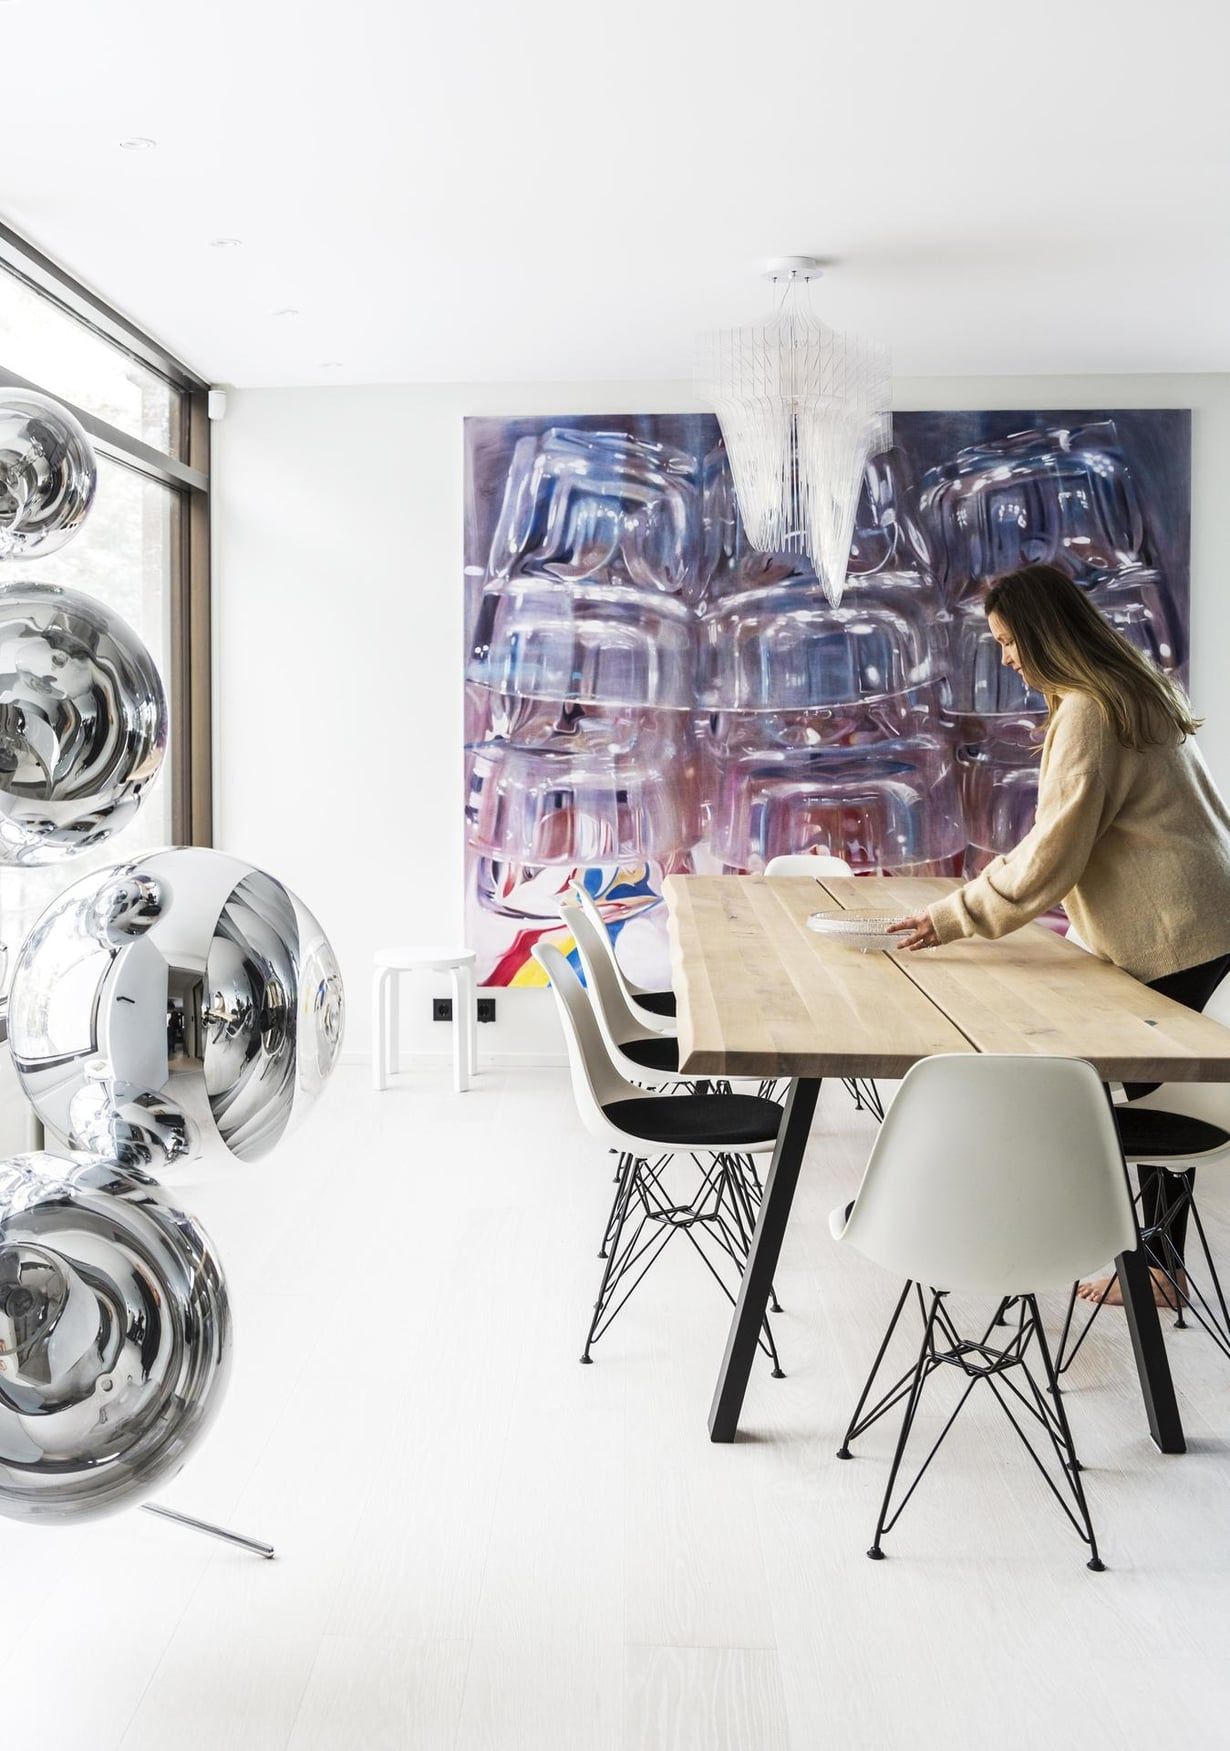 Ruokailutilassa on Susanne Gottbergin suuri työ. Cobellosta hankittu puupintainen ruokapöytä tuo tilaan lämpöä, tuolit ovat Eamesin. Zaha Hadidin Eurolucelle suunnittelema Aria-kattovalaisin ei peitä näkymää mihinkään suuntaan. Näyttävä lattiavalaisin on Tom Dixonin suunnittelema Mirror Ball.